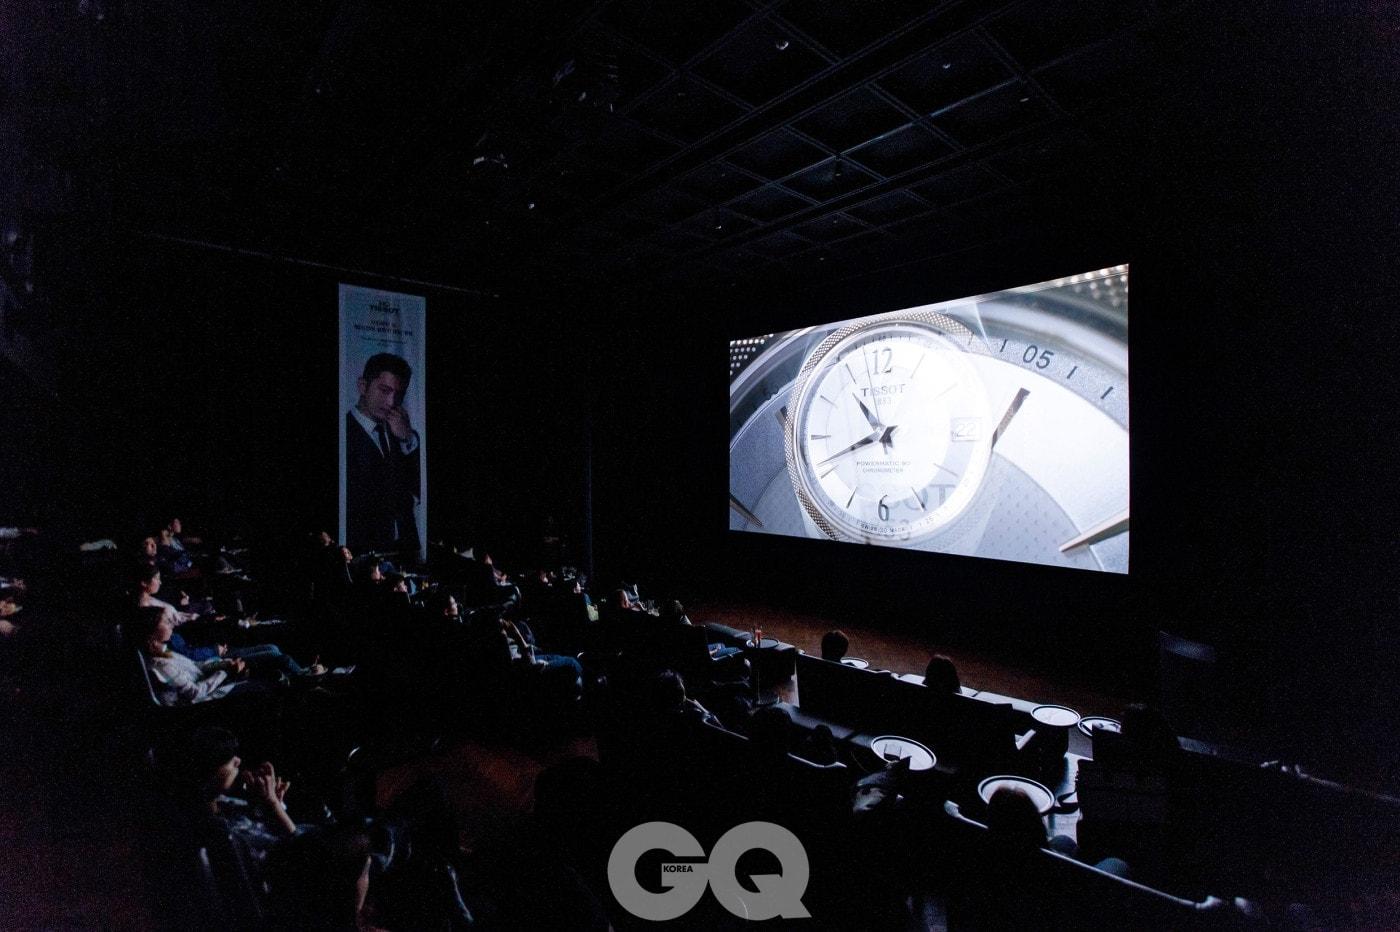 오프닝 행사에는 현대 무용가 최수진, 헤어 디자이너 오민, CF 감독 장필의 열정이 담긴 80시간을 촬영한 필름이 상영되었다.